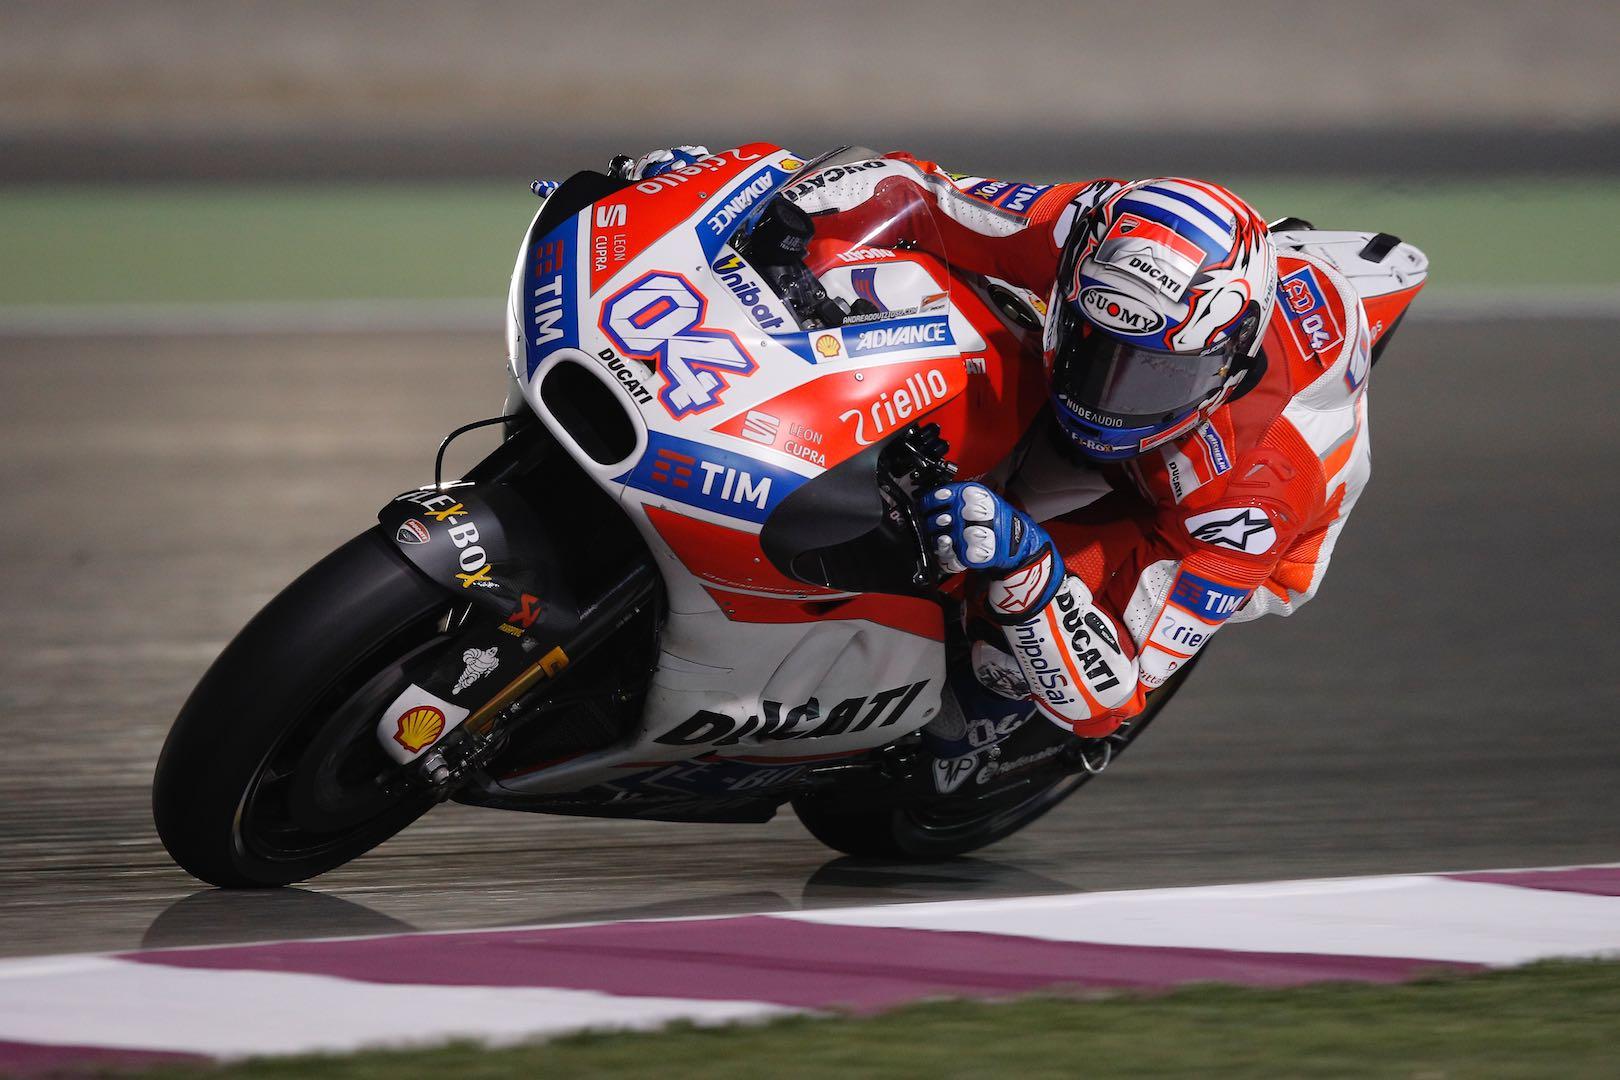 2017 Silverstone MotoGP Preview: Ducati's Andrea Dovizioso